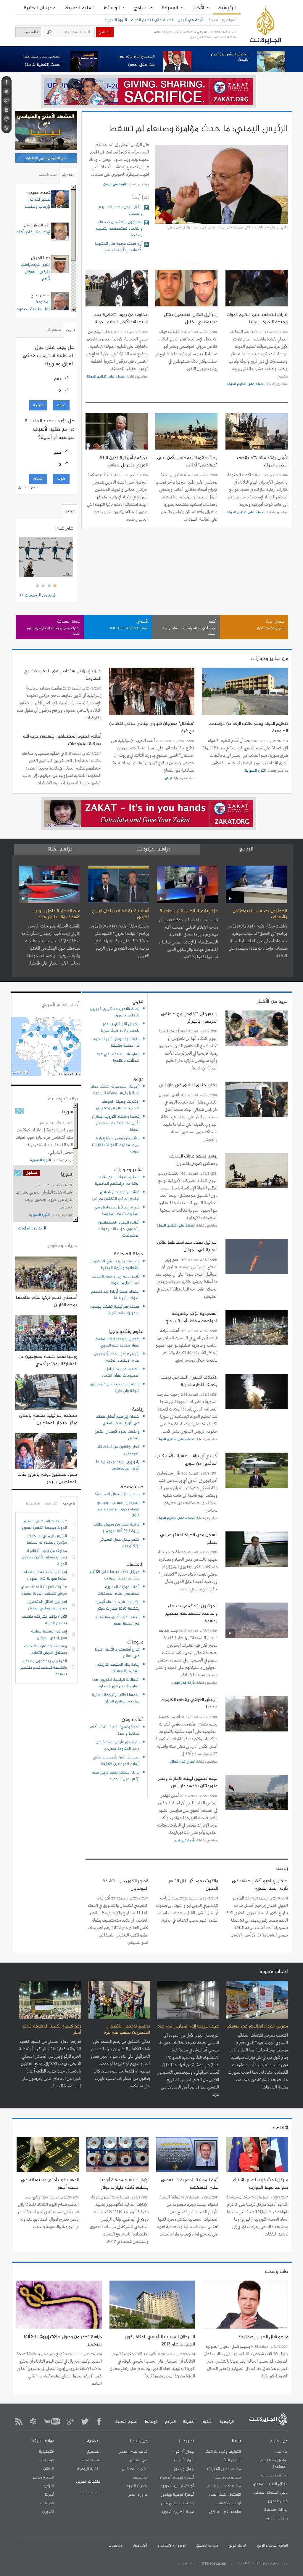 Al Jazeera at Tuesday Sept. 23, 2014, 1:08 p.m. UTC